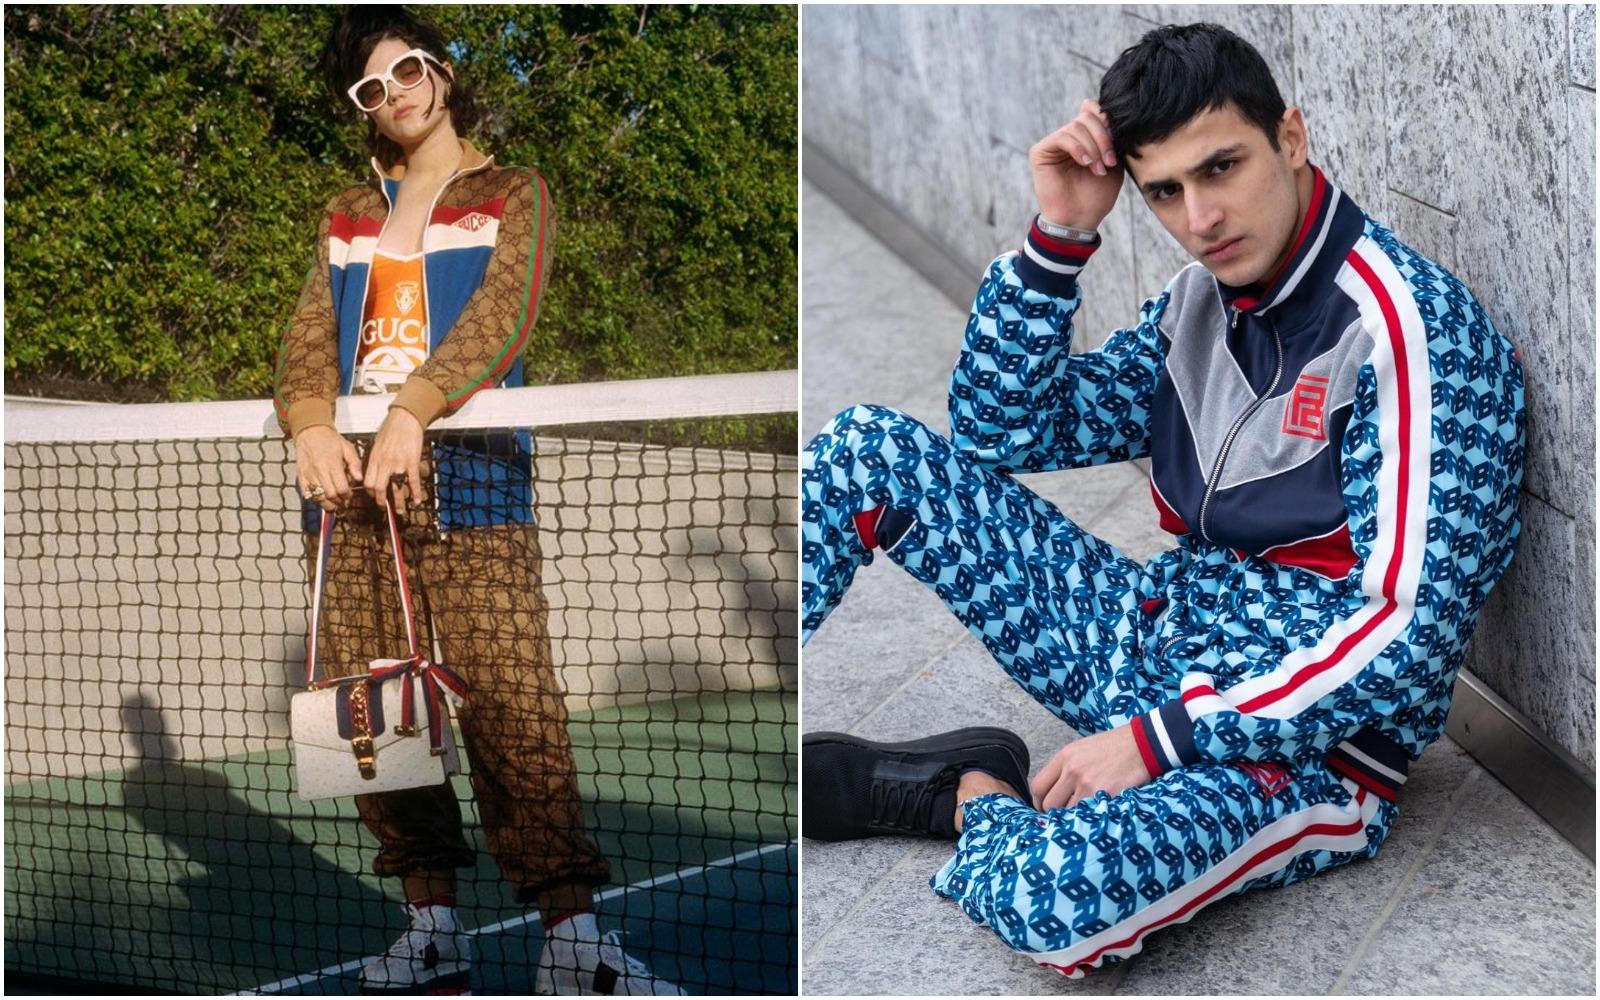 Treningul imprimat Gucci, inspiraţie pentru Reason Clothing!